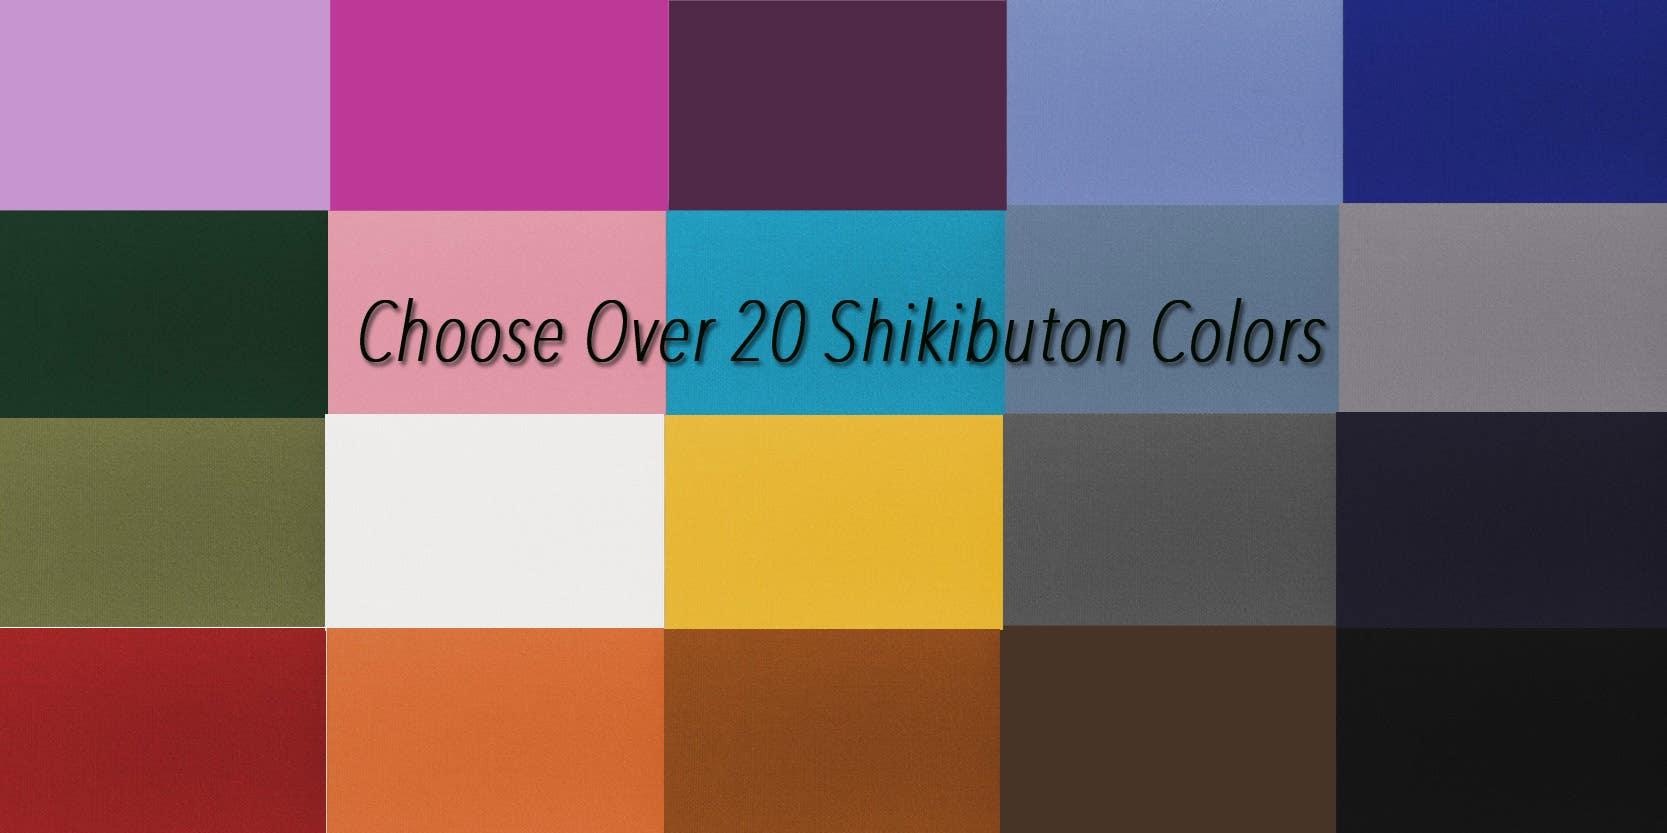 Color shikibuton